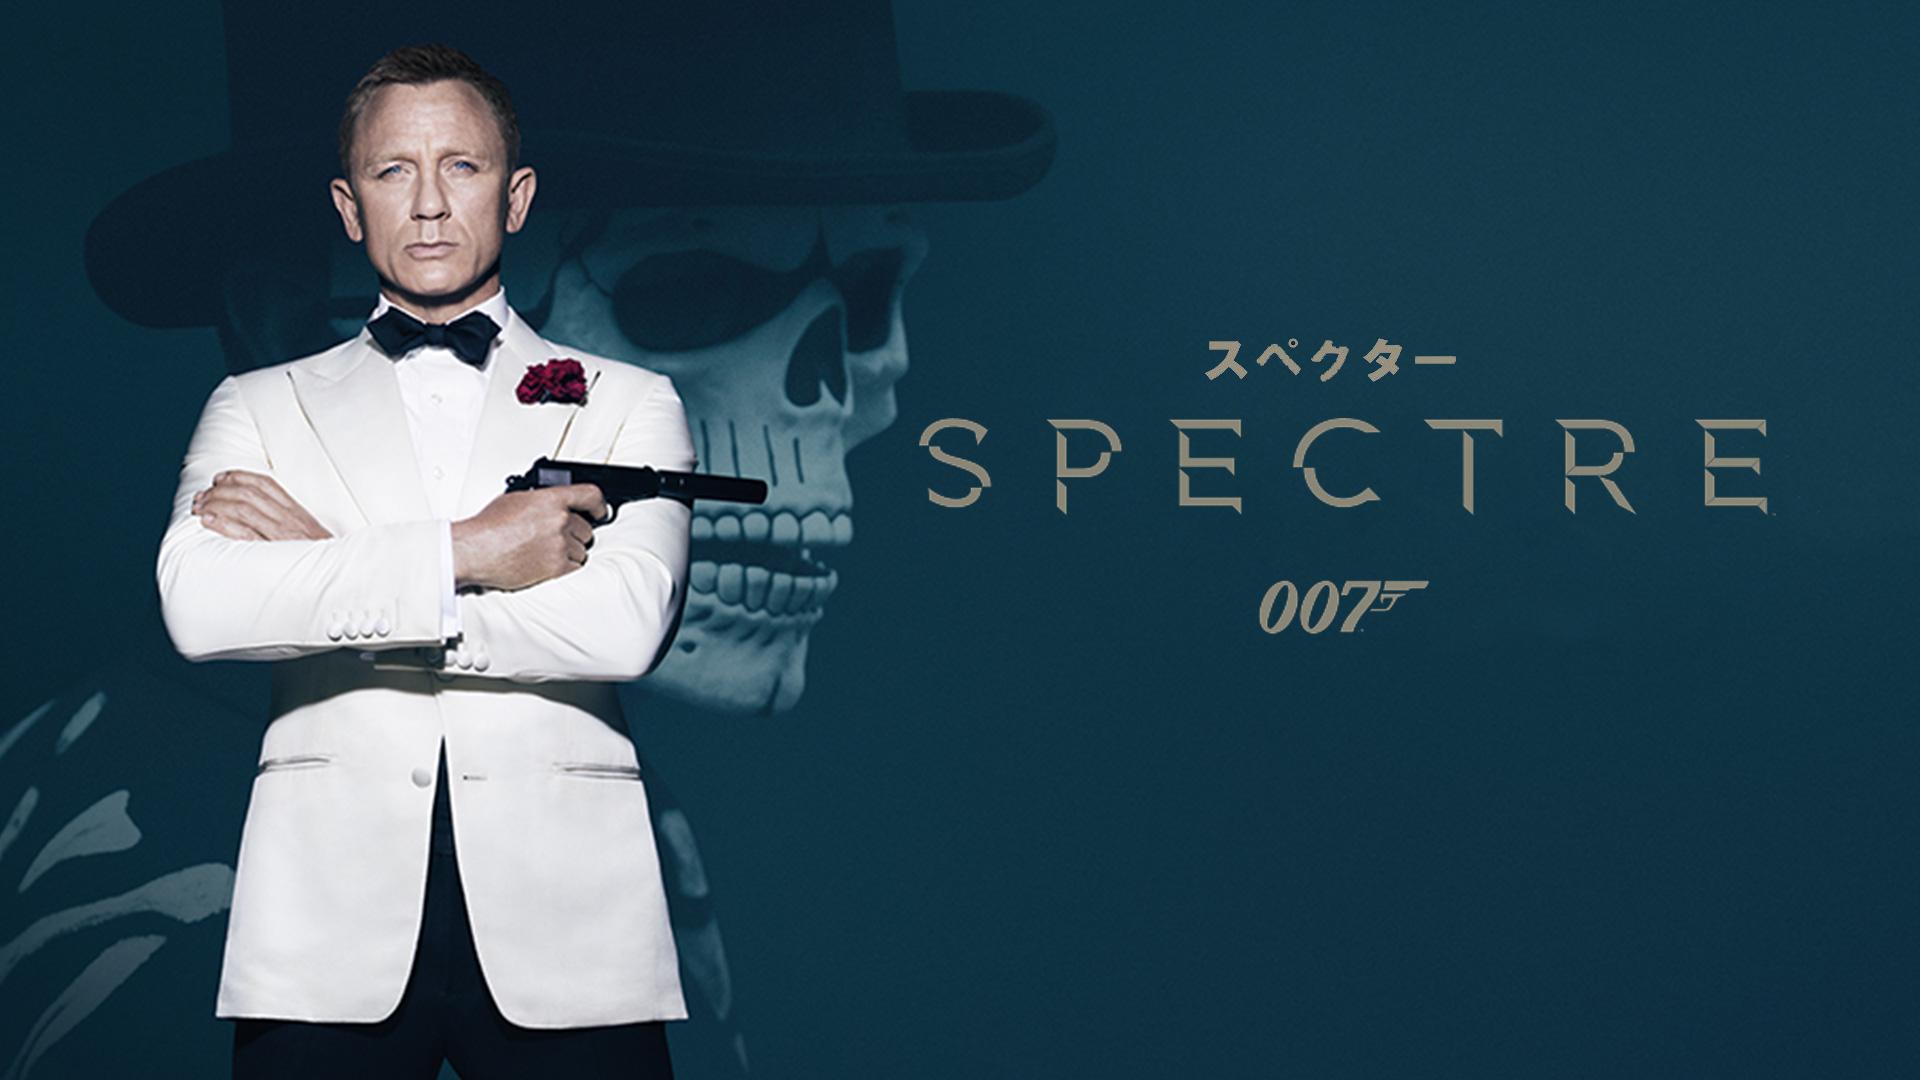 007 スペクター (吹替版)